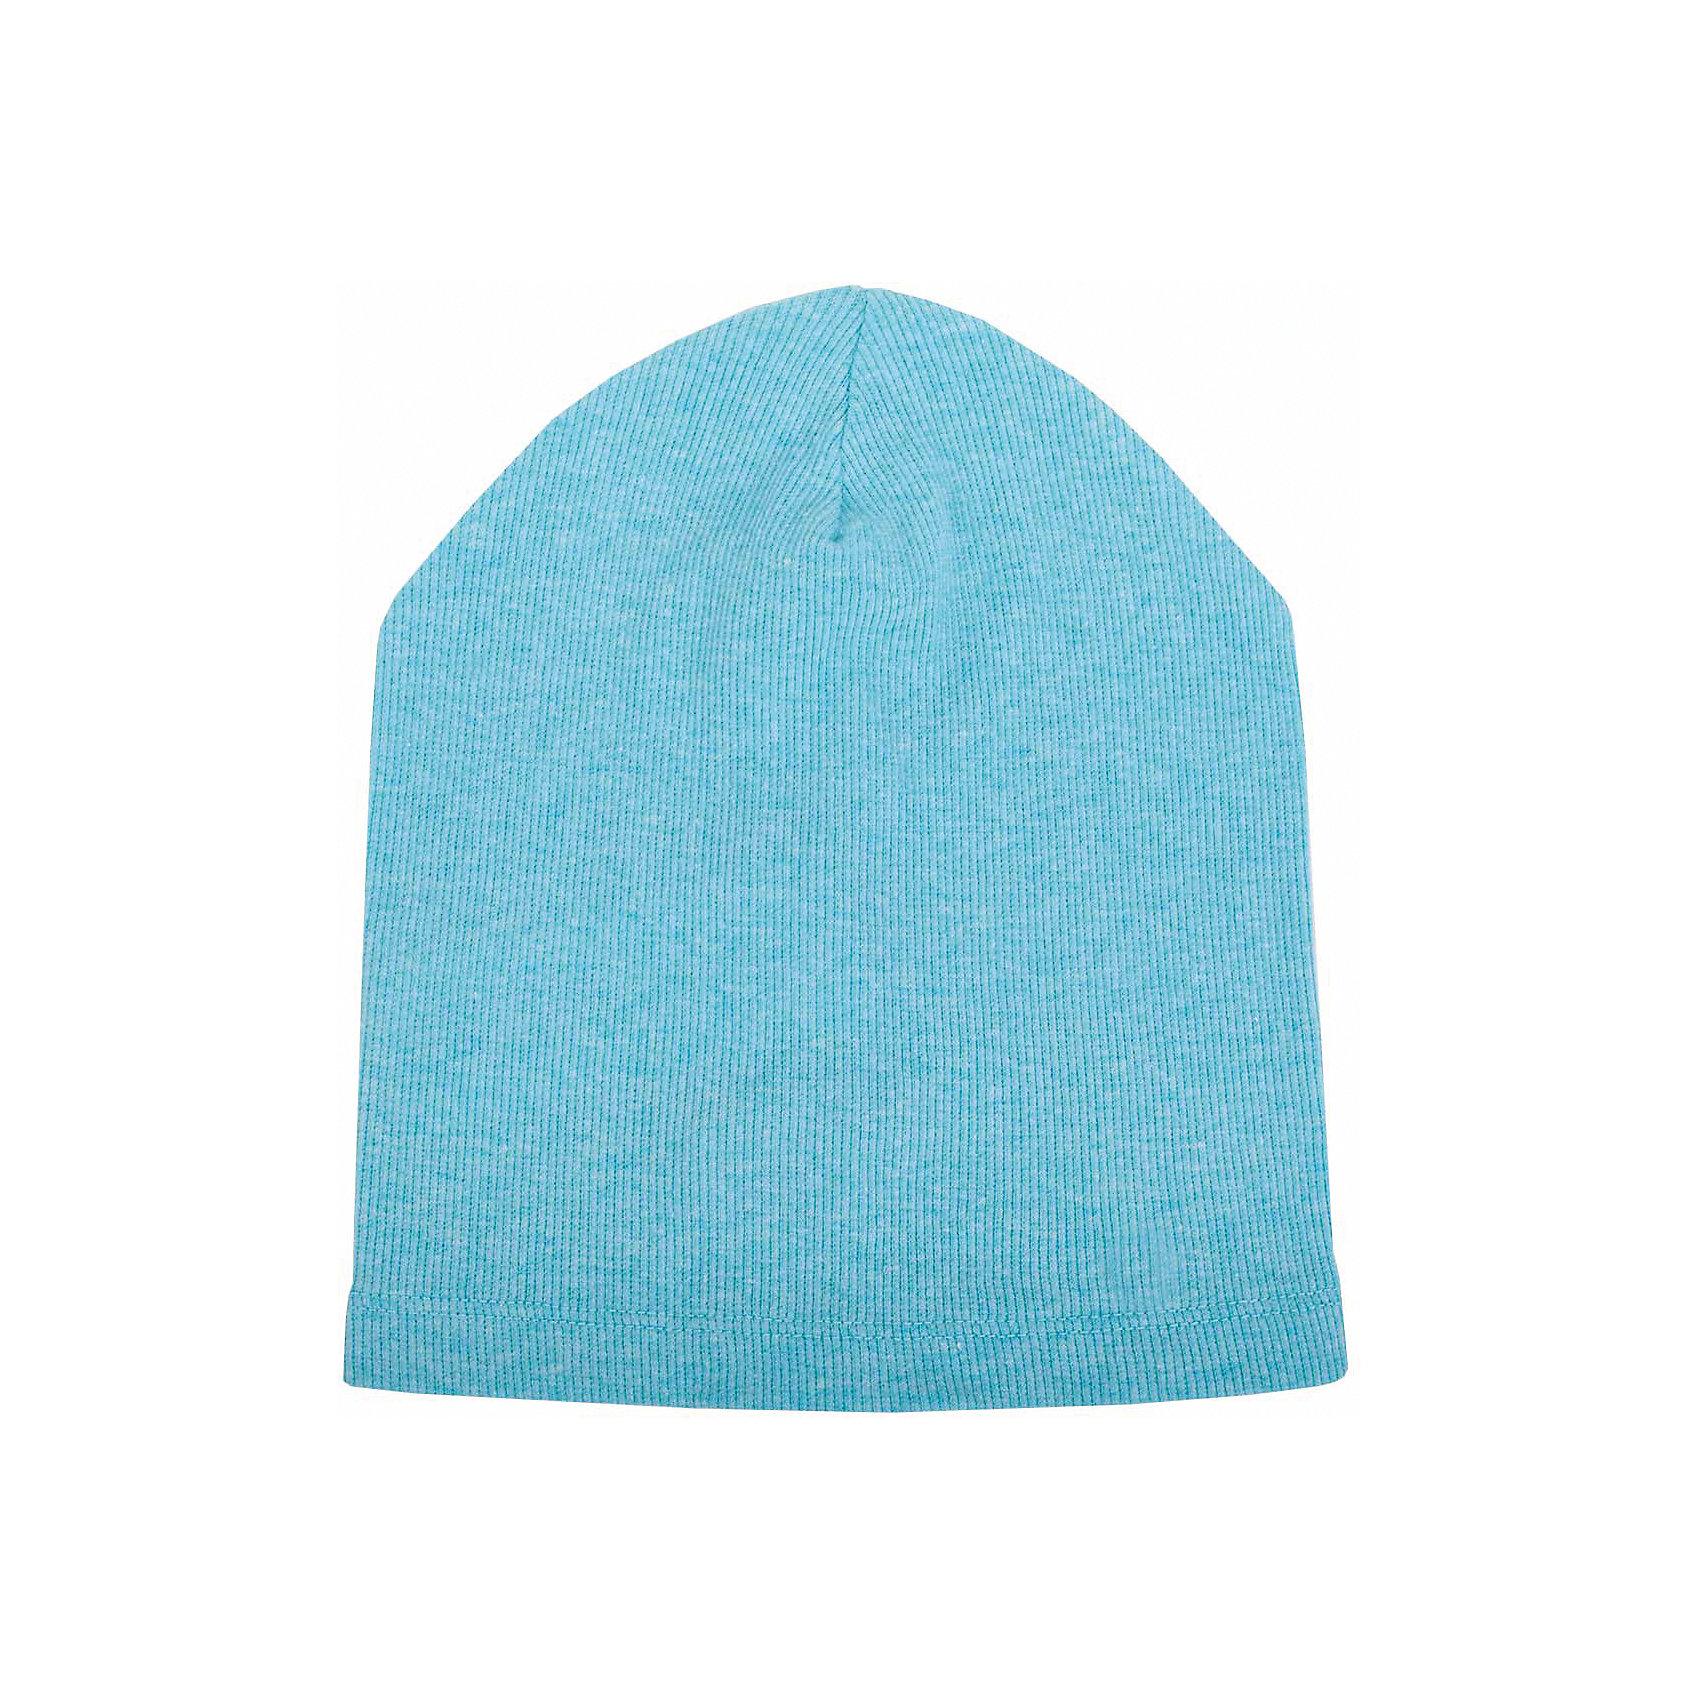 Шапка для девочки  BUTTON BLUEГоловные уборы<br>Шапка для девочки  BUTTON BLUE<br>Вязаные шапки - важный атрибут повседневного гардероба! Они отлично согревают, а также украшают и завершают весенний комплект. У них один недостаток: они часто теряются. Шапки забывают в парке, в школе, в детском саду, поэтому их в гардеробе должно быть много, а значит, шапки надо покупать по доступной цене. Купить недорого шапку для девочки от Button Blue, значит, позаботиться о здоровье, красоте и комфорте ребенка.<br>Состав:<br>71% хлопок 25%полиэстер 4%эластан<br><br>Ширина мм: 89<br>Глубина мм: 117<br>Высота мм: 44<br>Вес г: 155<br>Цвет: зеленый<br>Возраст от месяцев: 96<br>Возраст до месяцев: 108<br>Пол: Женский<br>Возраст: Детский<br>Размер: 56,50,52,54<br>SKU: 5523785